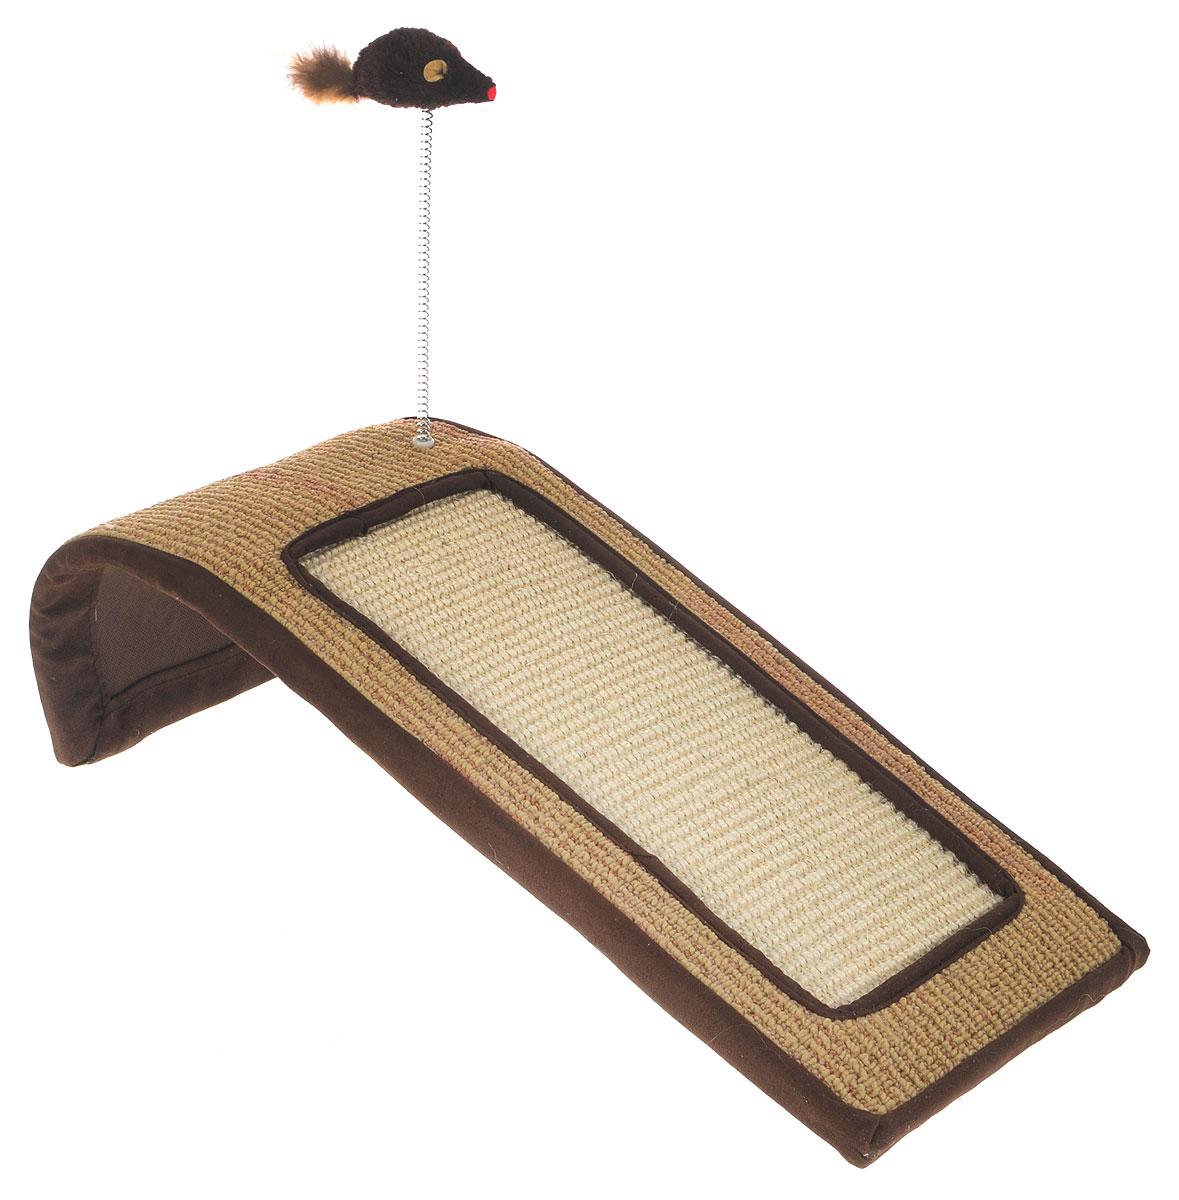 Когтеточка Triol Горка, с игрушкой, 50 х 22 х 14 см0120710Когтеточка Triol Горка станет любимым местом для вашего питомца. Мышка на пружине привлечет дополнительное внимание к когтеточке. Изделие выполнено из ДСП, текстиля, ковролина и сизаля. Структура материала когтеточки позволяет кошачьим лапкам проникать внутрь и извлекаться с высоким трением, так что ороговевшие частички когтя остаются внутри волокон. По своей природе сизаль обладает уникальным антистатическим свойством, следовательно, когтеточка не накапливает пыль, что является дополнительным привлекательным качеством, поскольку облегчает процесс уборки.